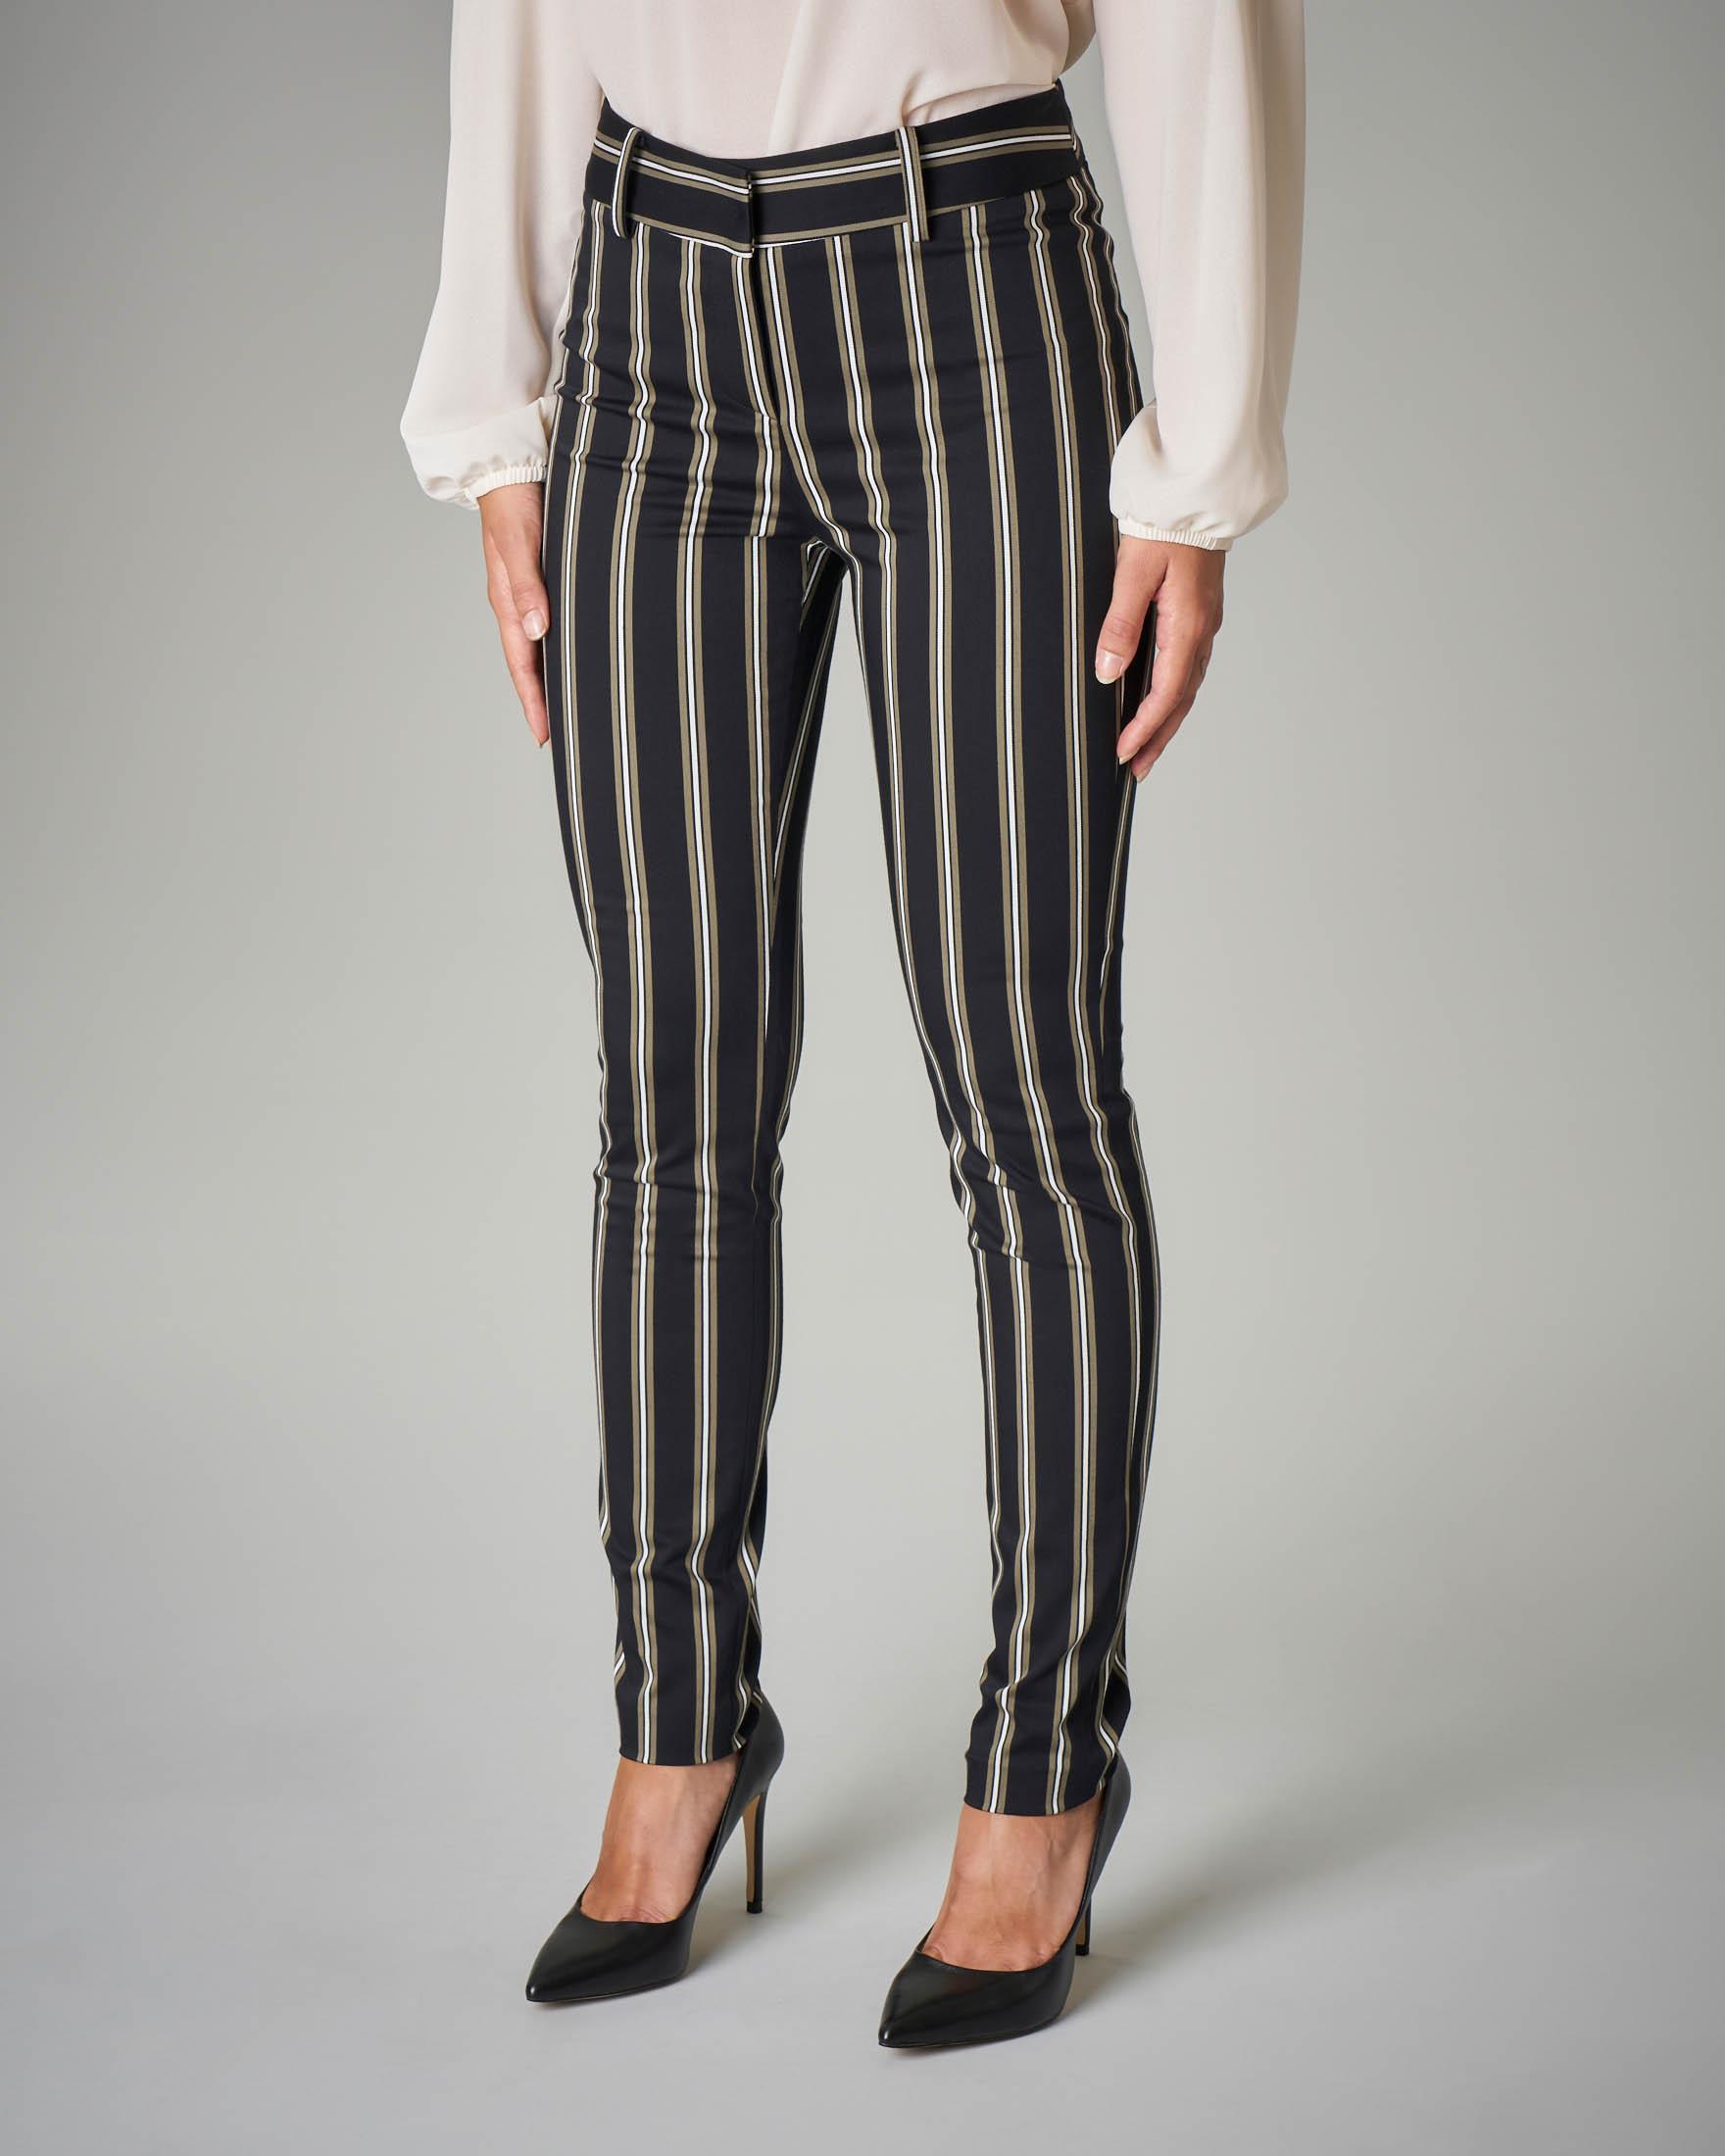 Pantalone skinny fantasia a righe